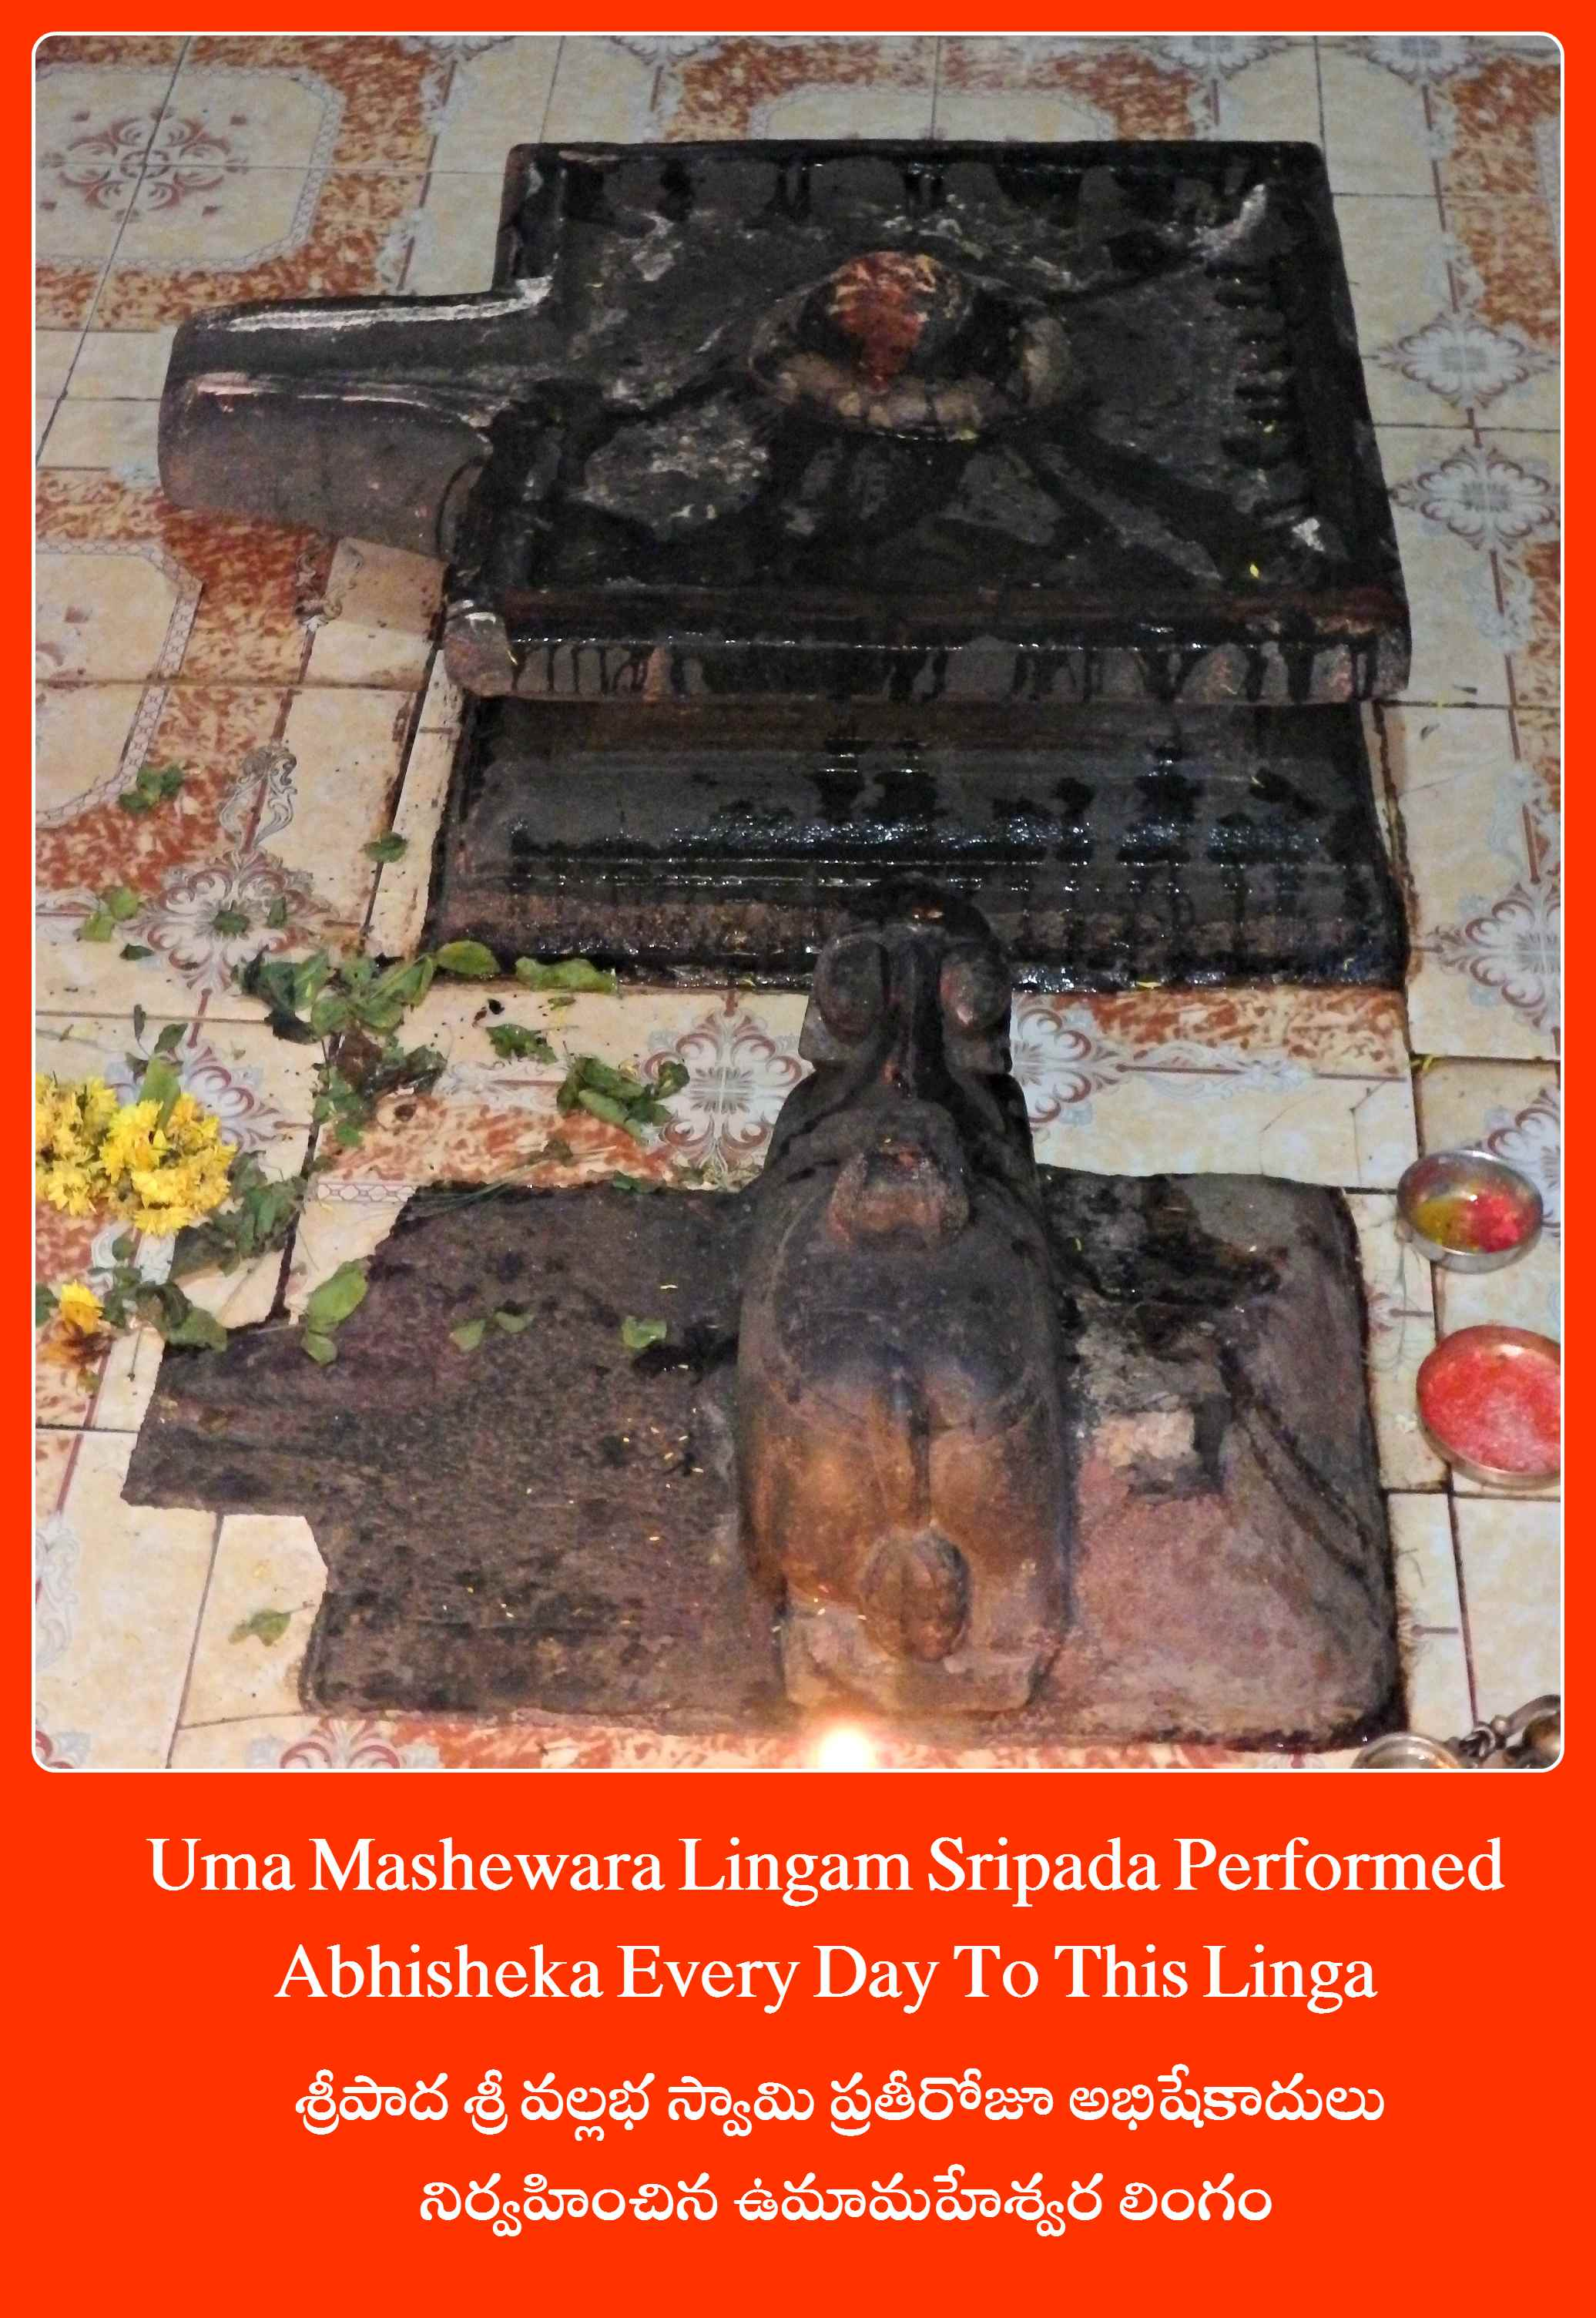 Uma Mashewara Lingam Sripada Performed Abhisheka Every Day To This Linga